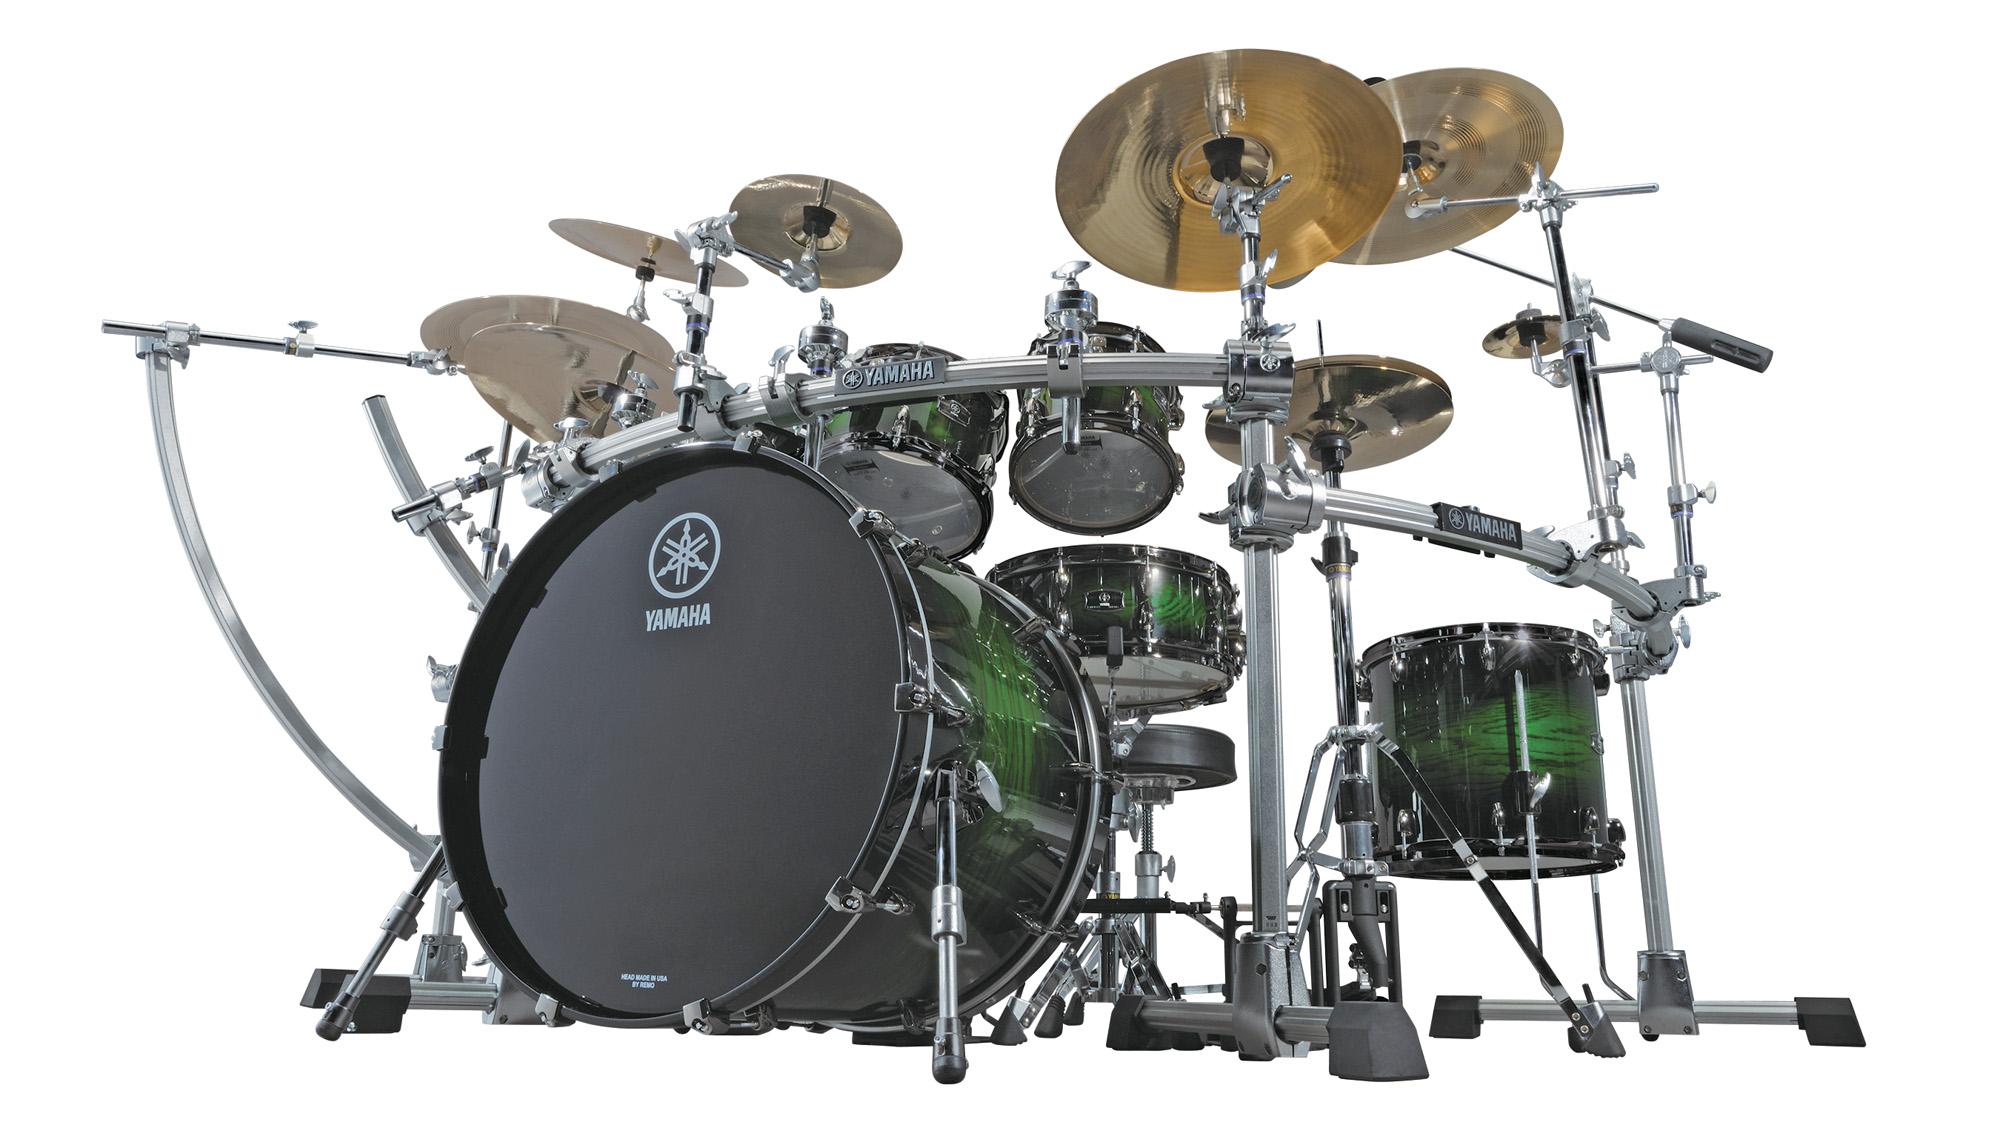 yamaha drums at 50 modern drummer magazine. Black Bedroom Furniture Sets. Home Design Ideas